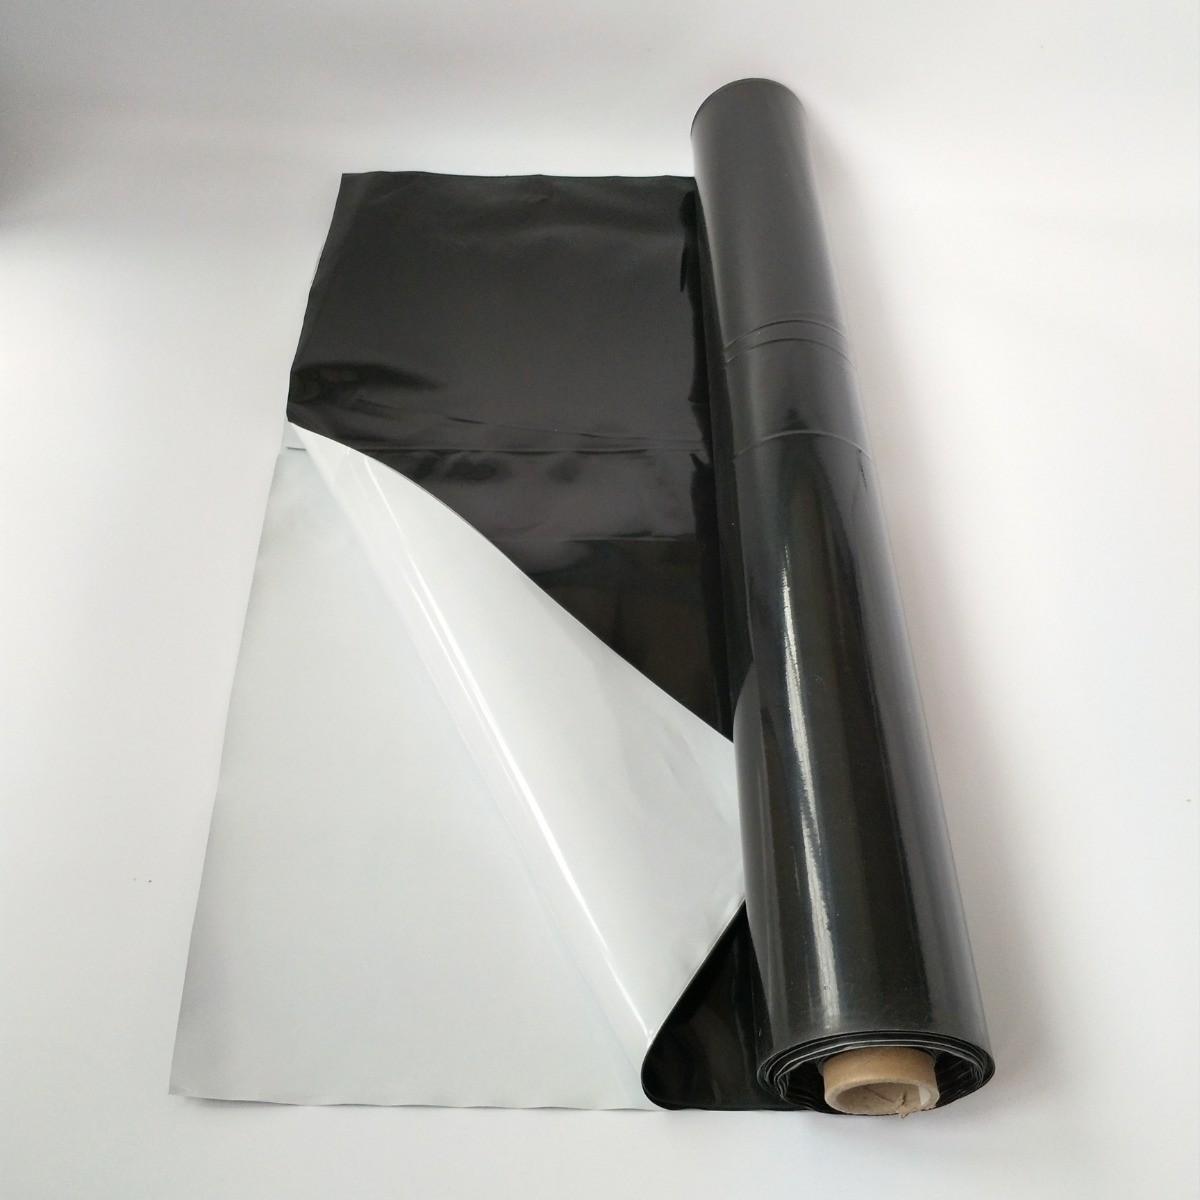 Lona Silagem Nortene Branca/Preta 72kg - 6x24m